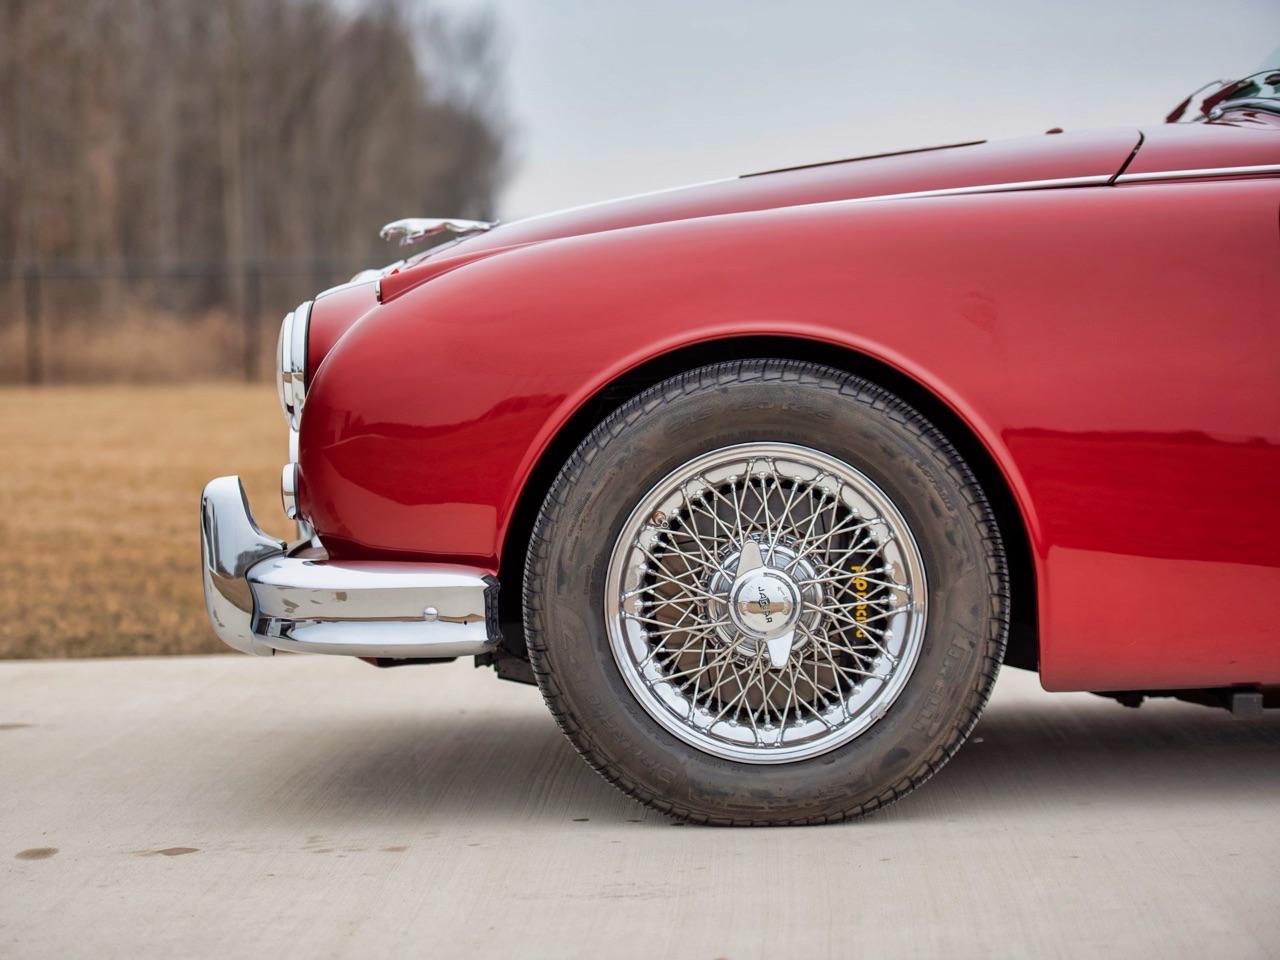 Restomod Jaguar MkII 3.8... enfin, plutôt Beacham V8 Supercharged ! 3